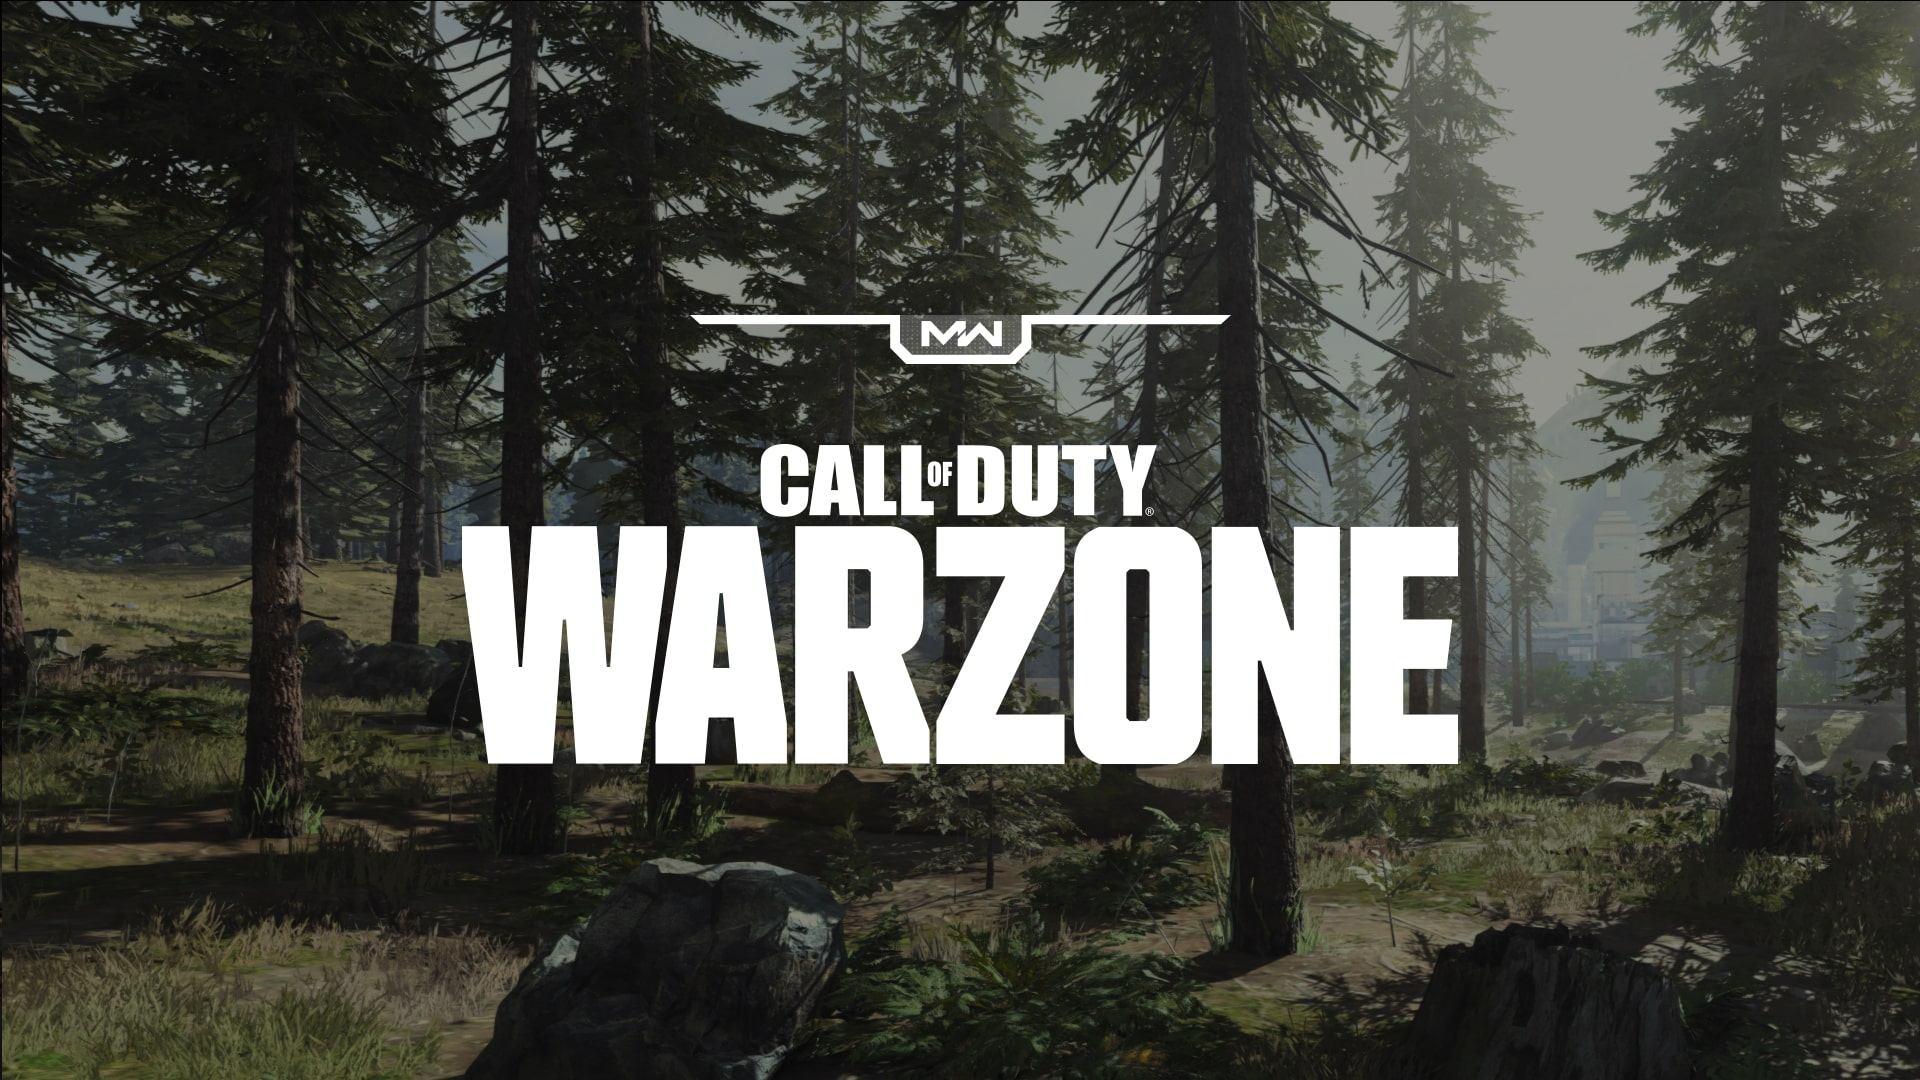 بازی Call of Duty: Modern Warfare و Call of Duty: Warzone